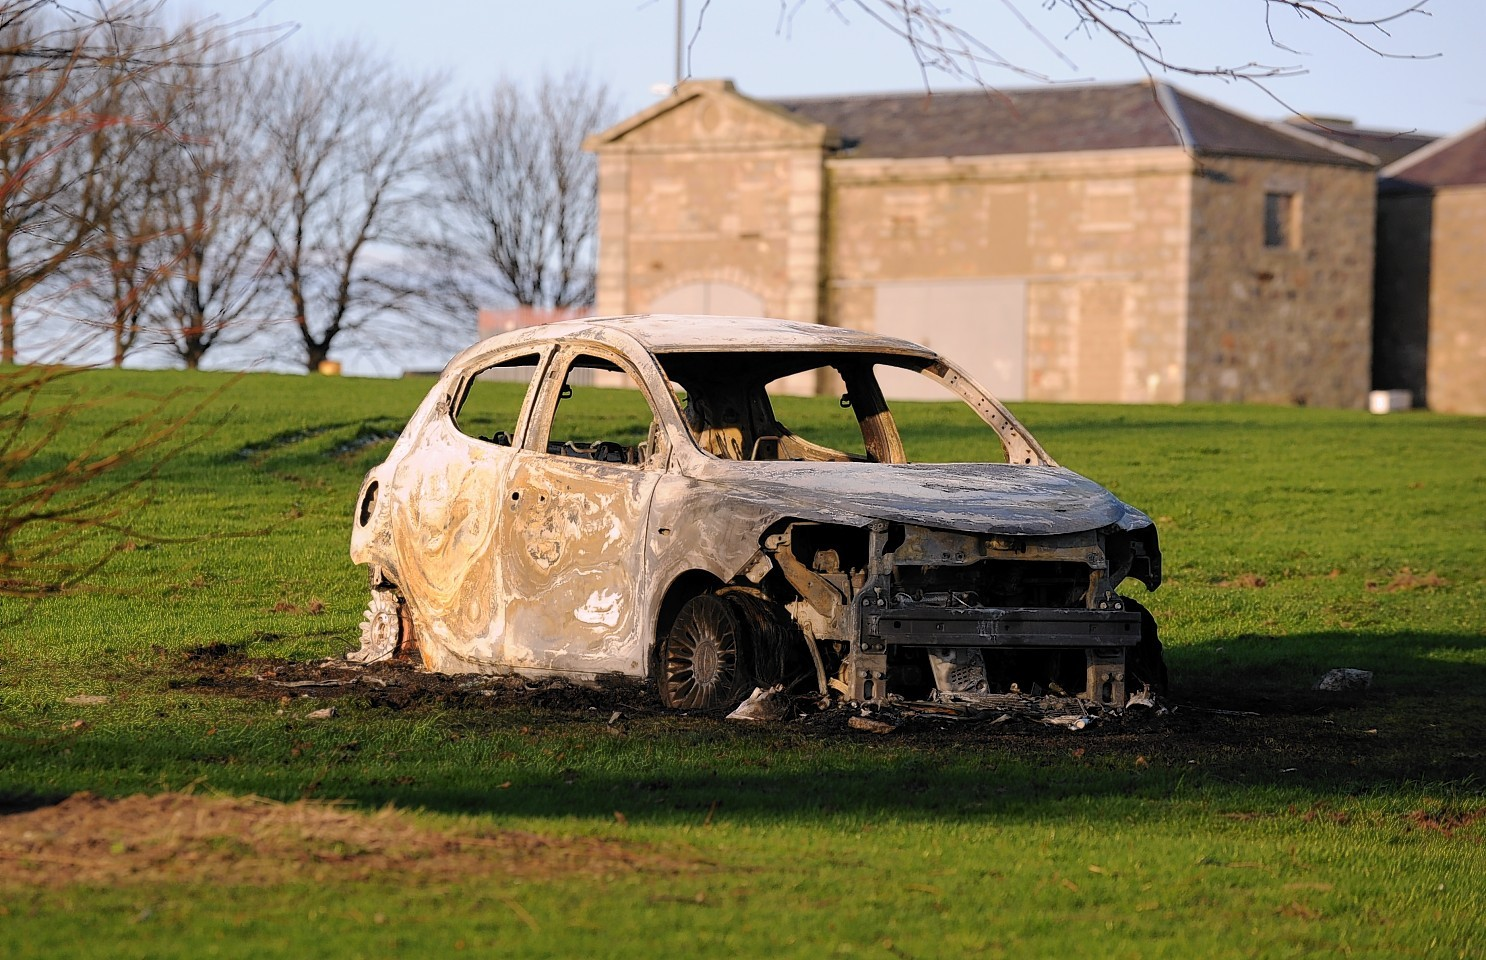 Car destroyed in Sheddocksley